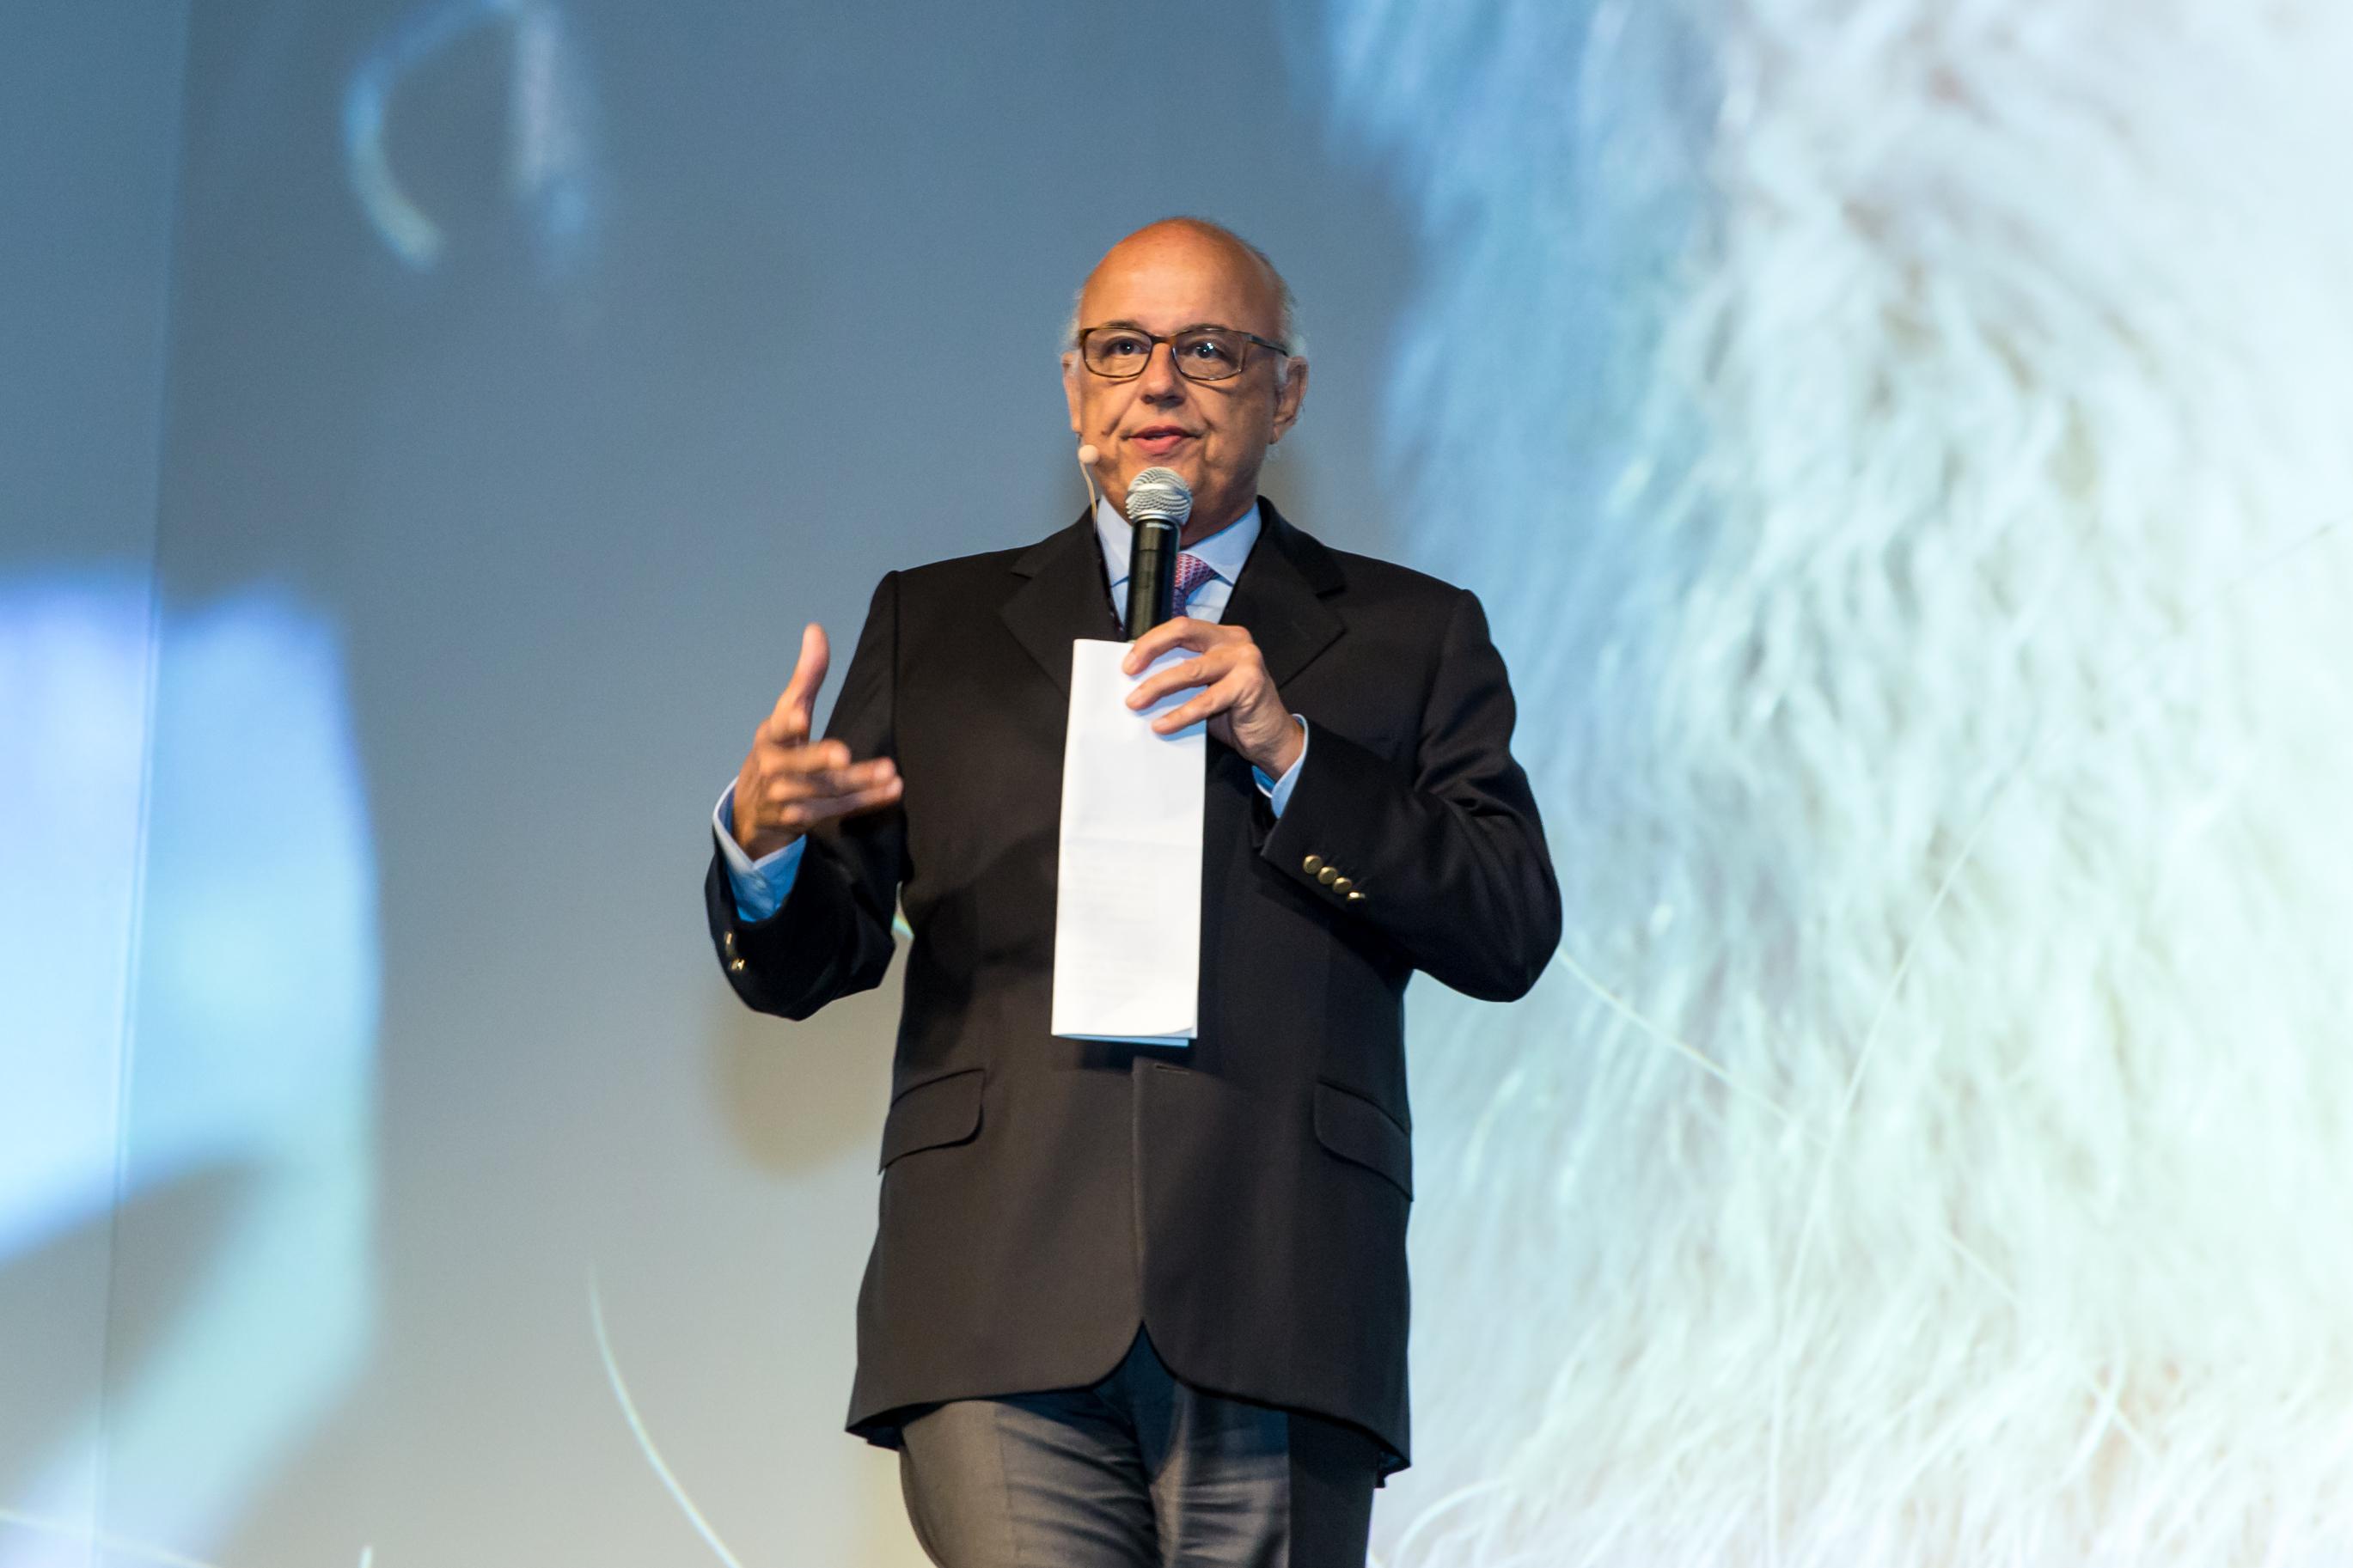 Cezário Ramalho, vice-presidente da Abramilho